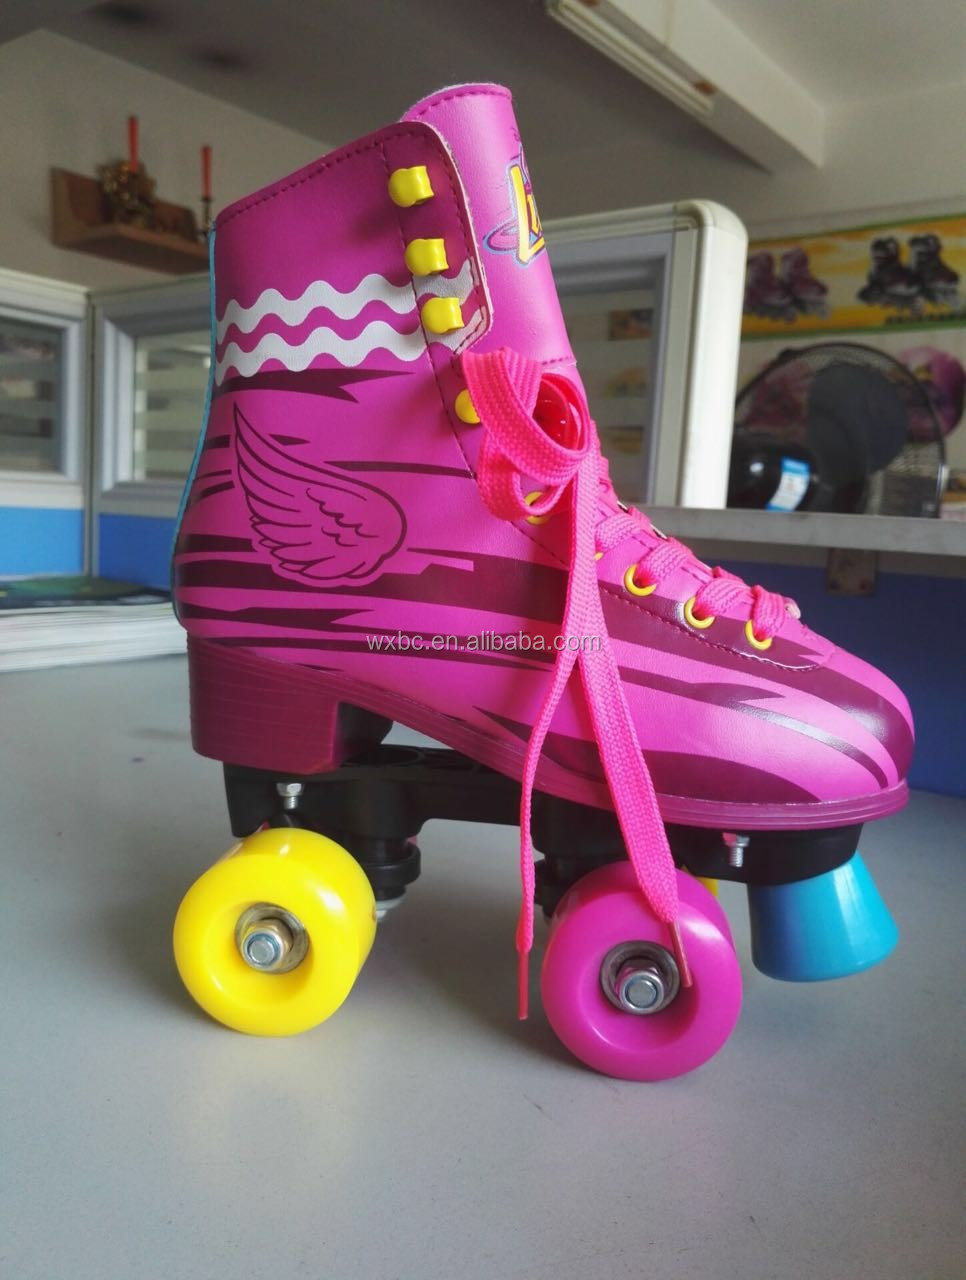 hot sports four wheel soy luna roller skate buy roller. Black Bedroom Furniture Sets. Home Design Ideas